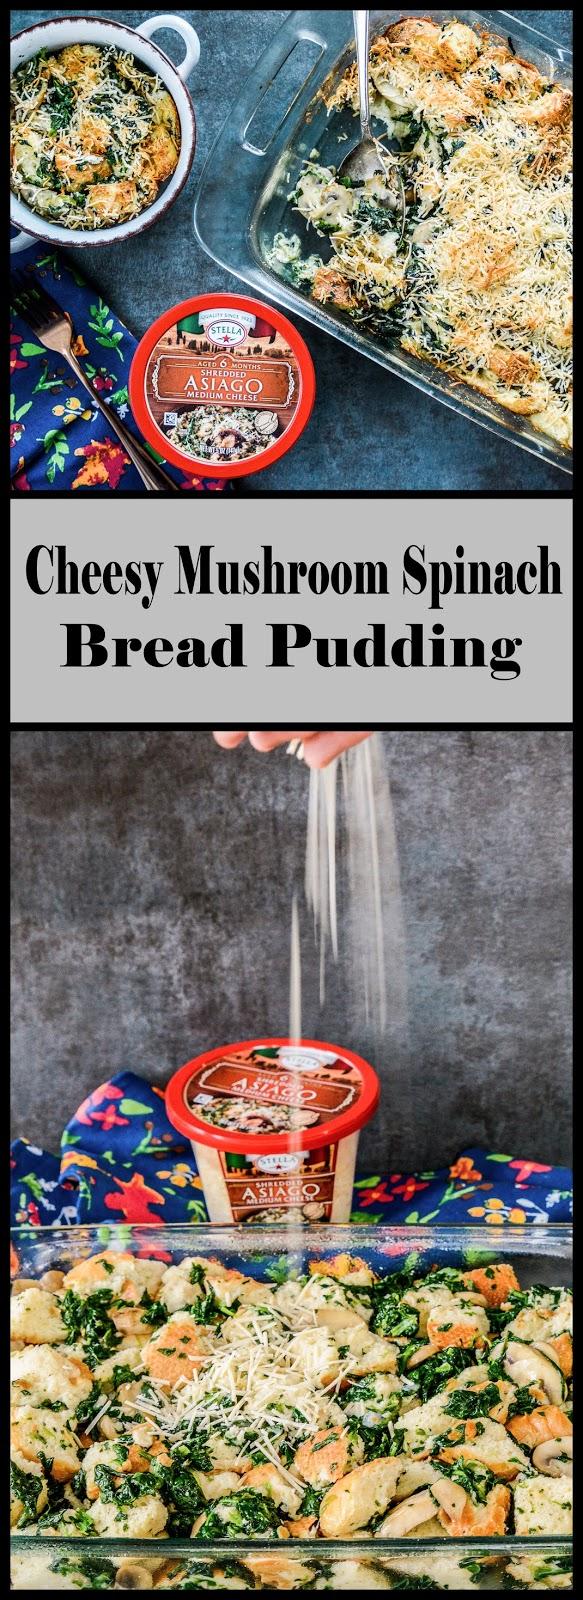 Mushroom Spinach Bread Pudding